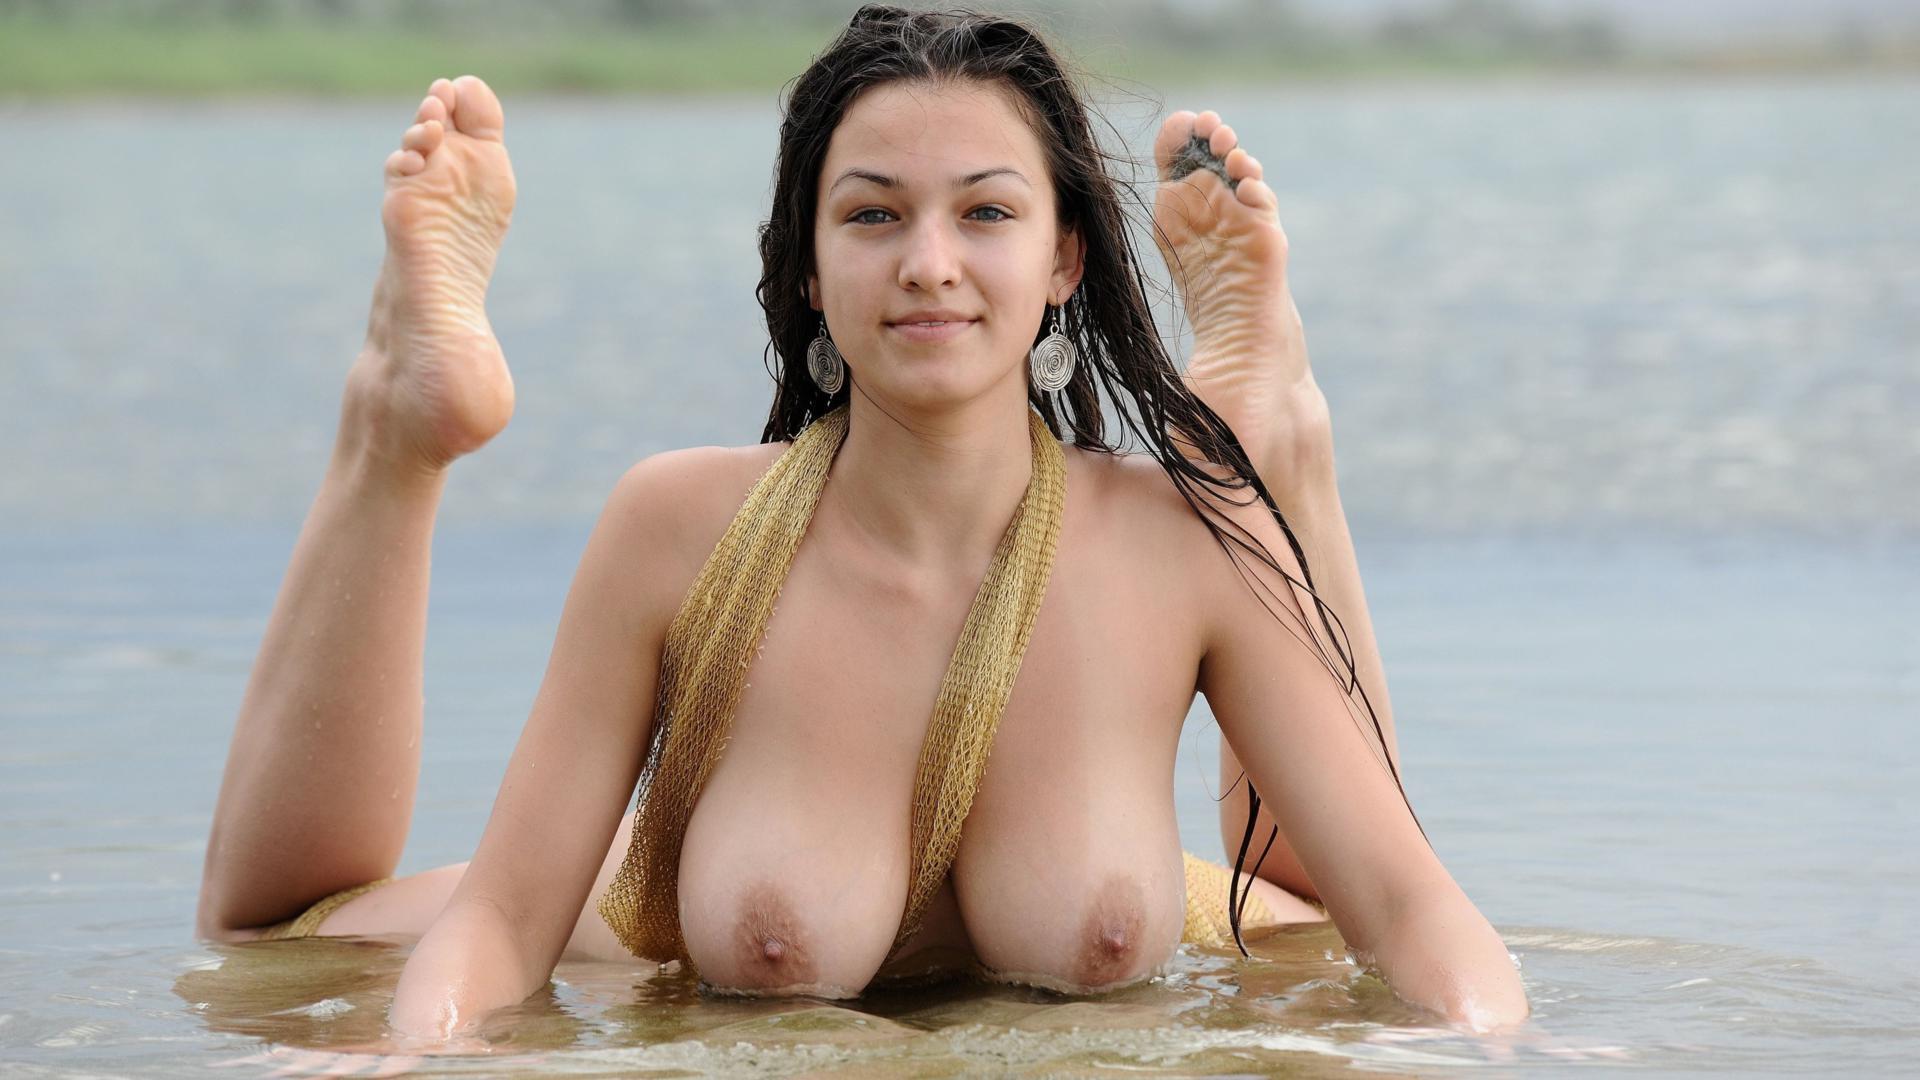 sexy wet nude chicks